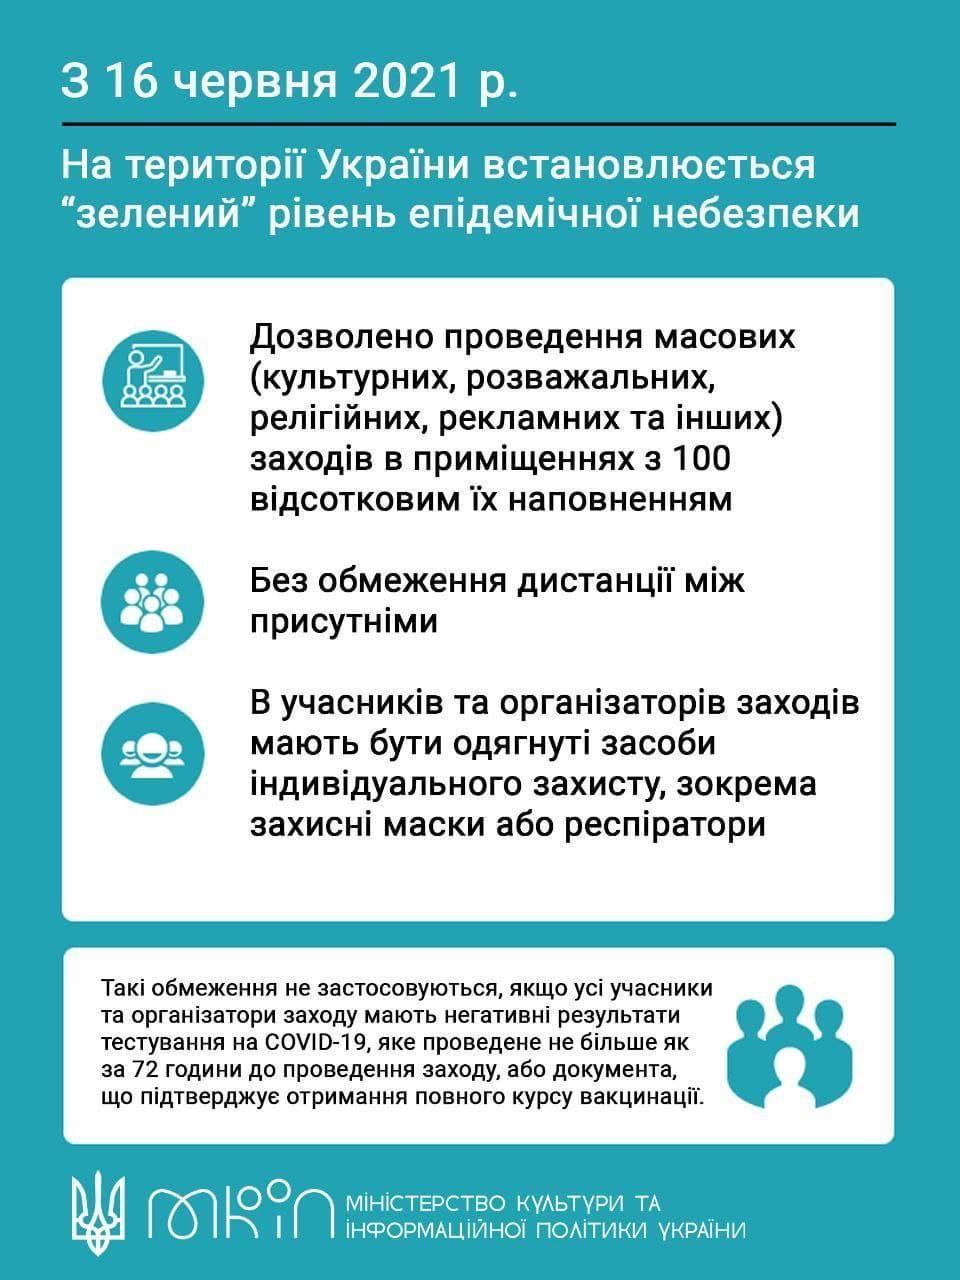 Карантинные ограничения с 16 июня / фото Министерство культуры Украины